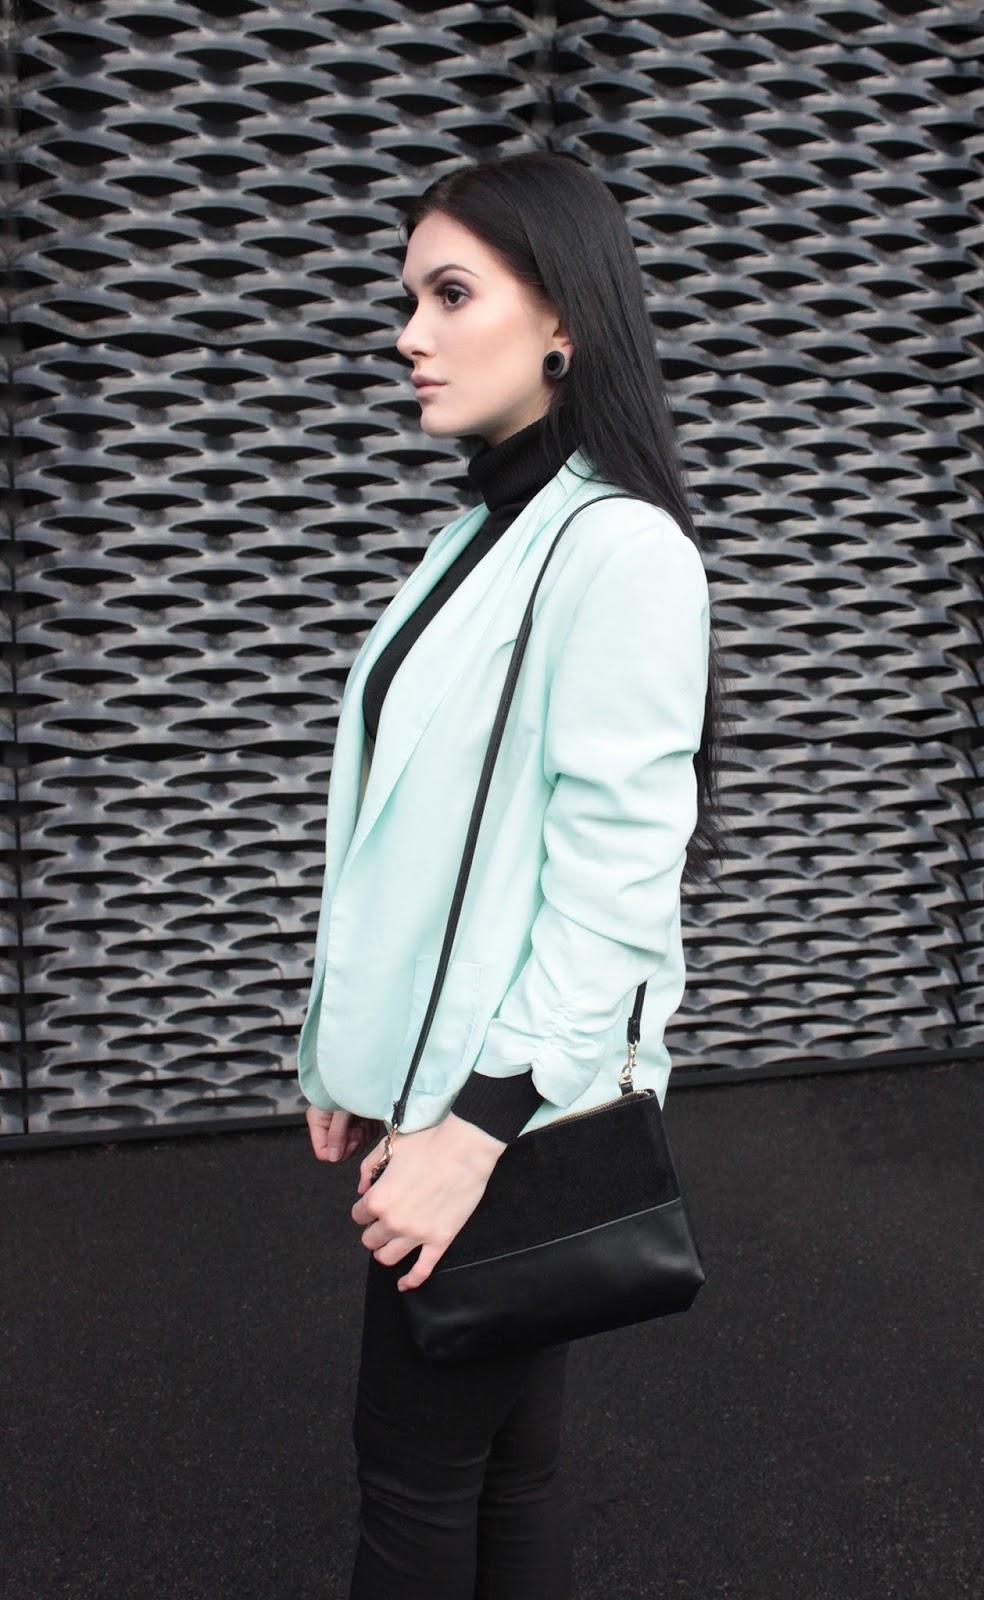 mint jacket l miętowa marynarka l minimal look l elegant